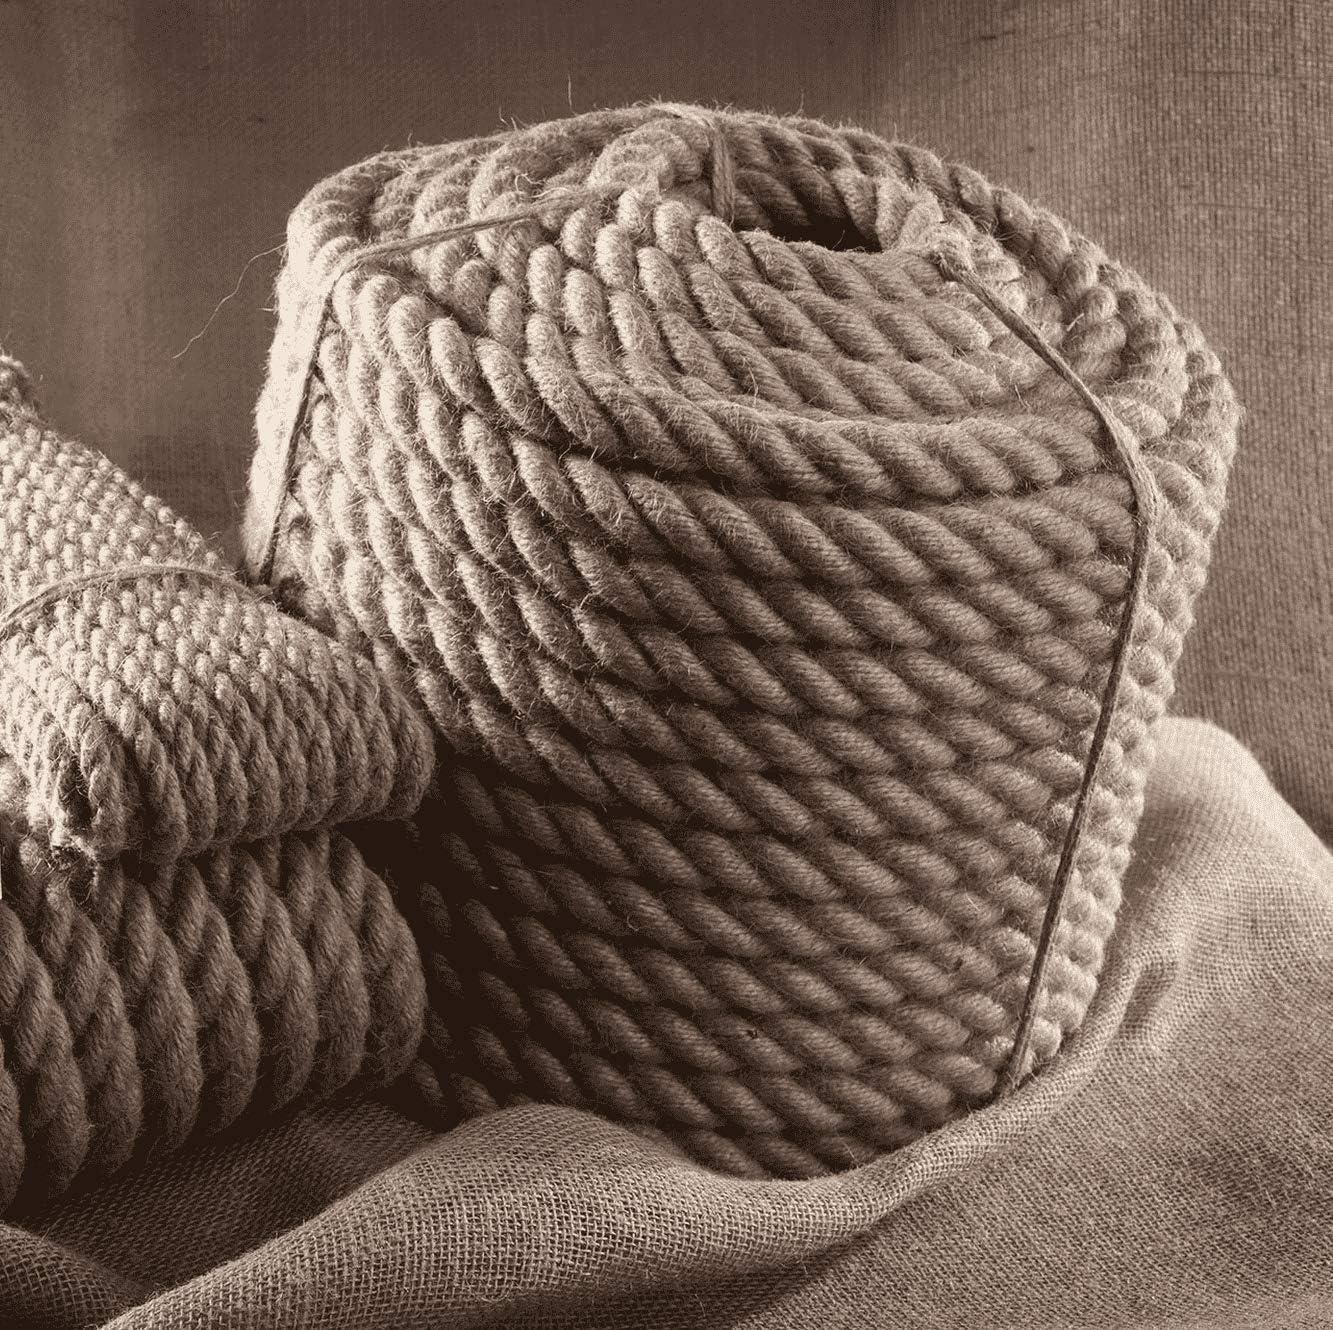 40mm Tauwerk Seile Leine Rope Naturhanf Hanfseil Tauziehen Jute Tauziehen Absperrseil Handlauf Dekoration DIY IST-Bild SFS JUTESEIL 6mm